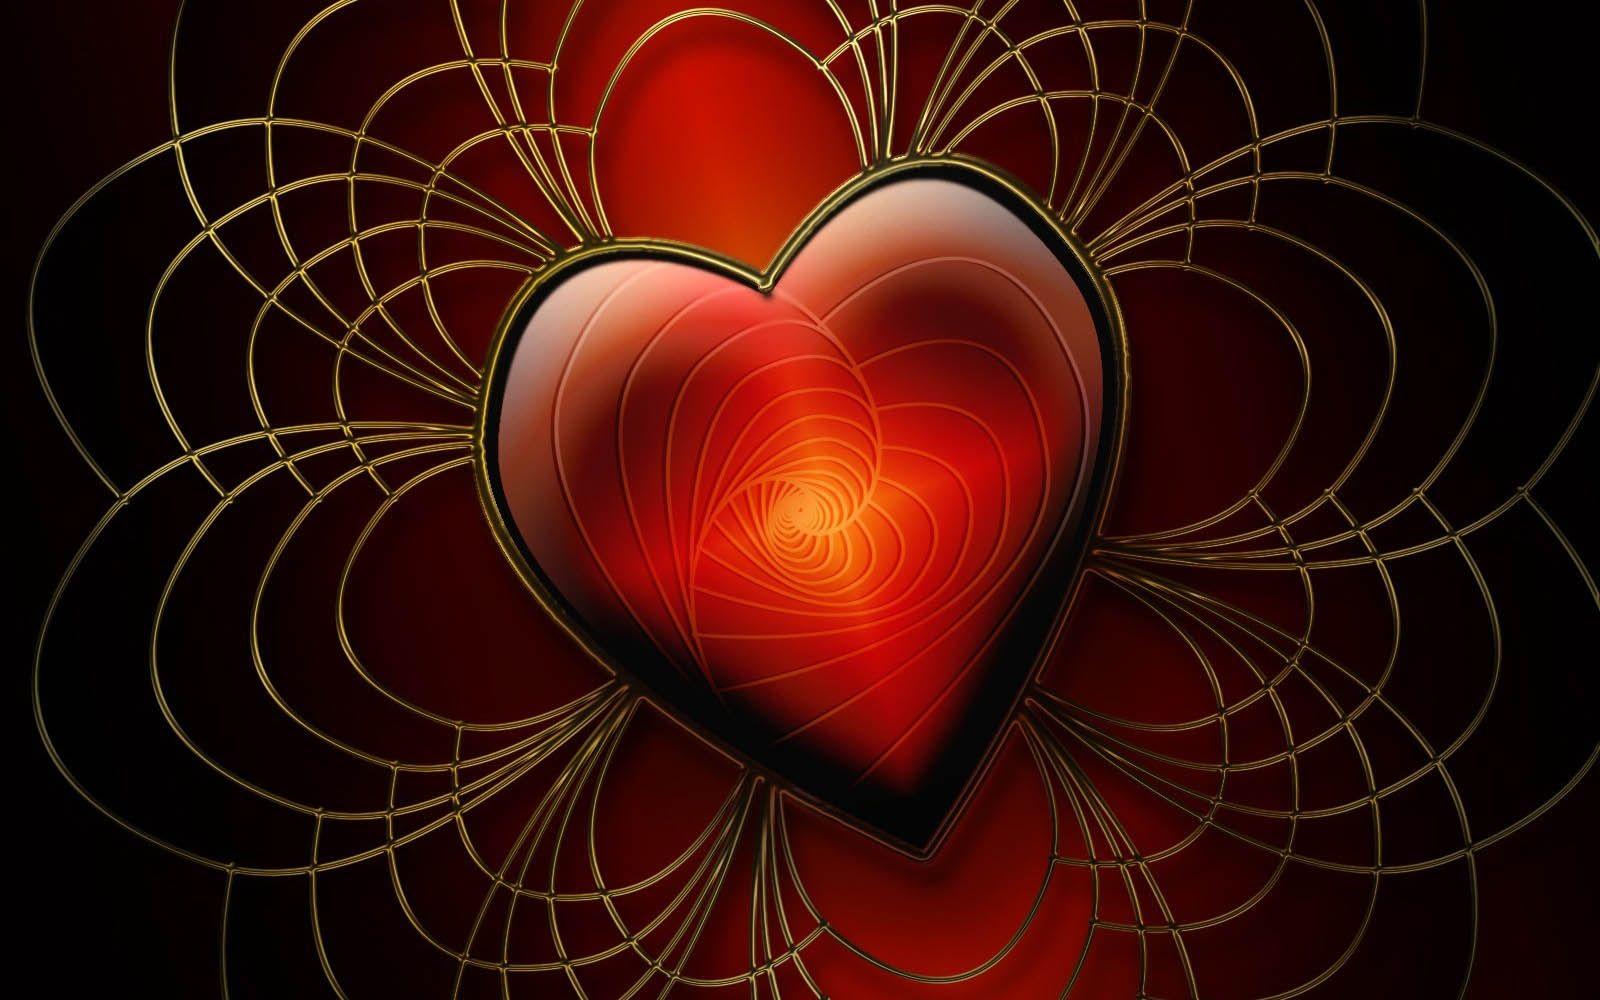 Download download images of love symbols wallpapers love symbol download download images of love symbols wallpapers love symbol inside download images of love symbols biocorpaavc